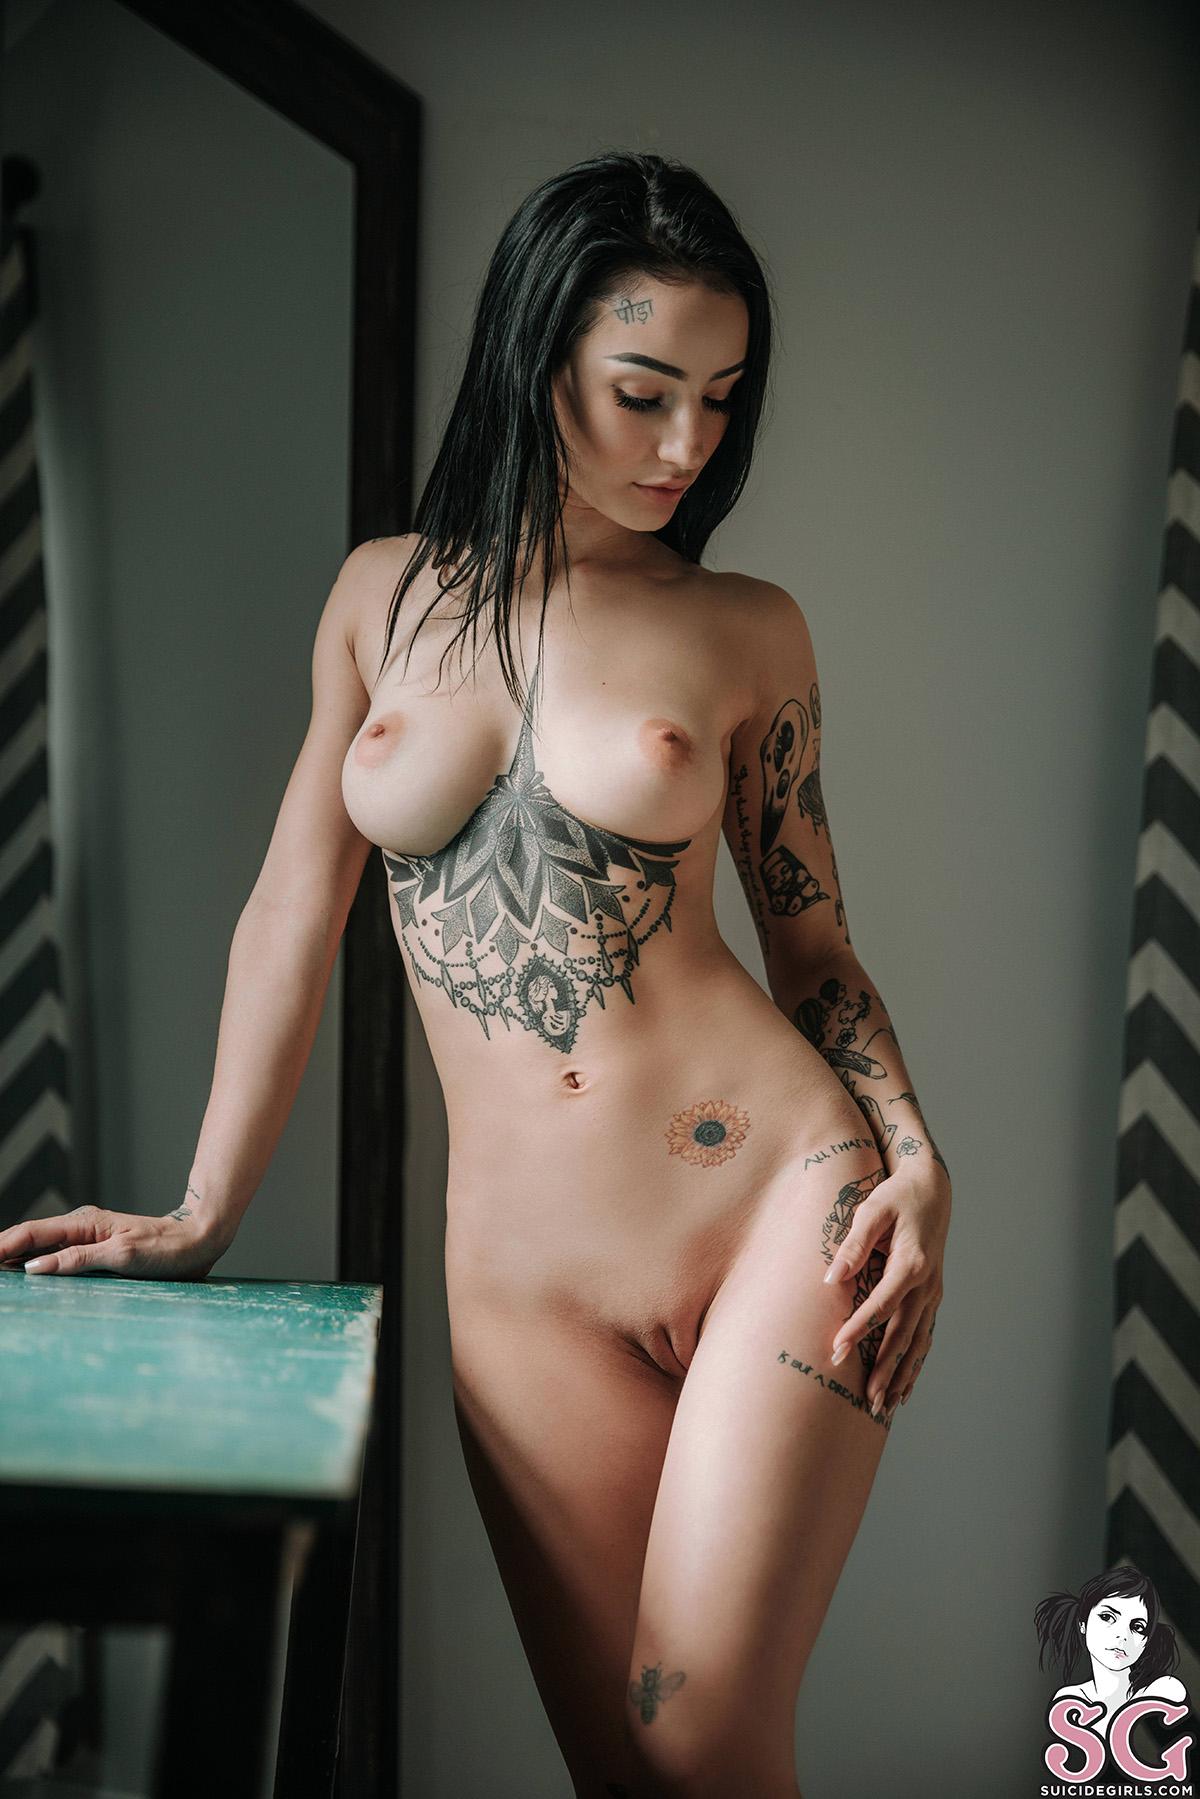 Fotos de novinhas peladas